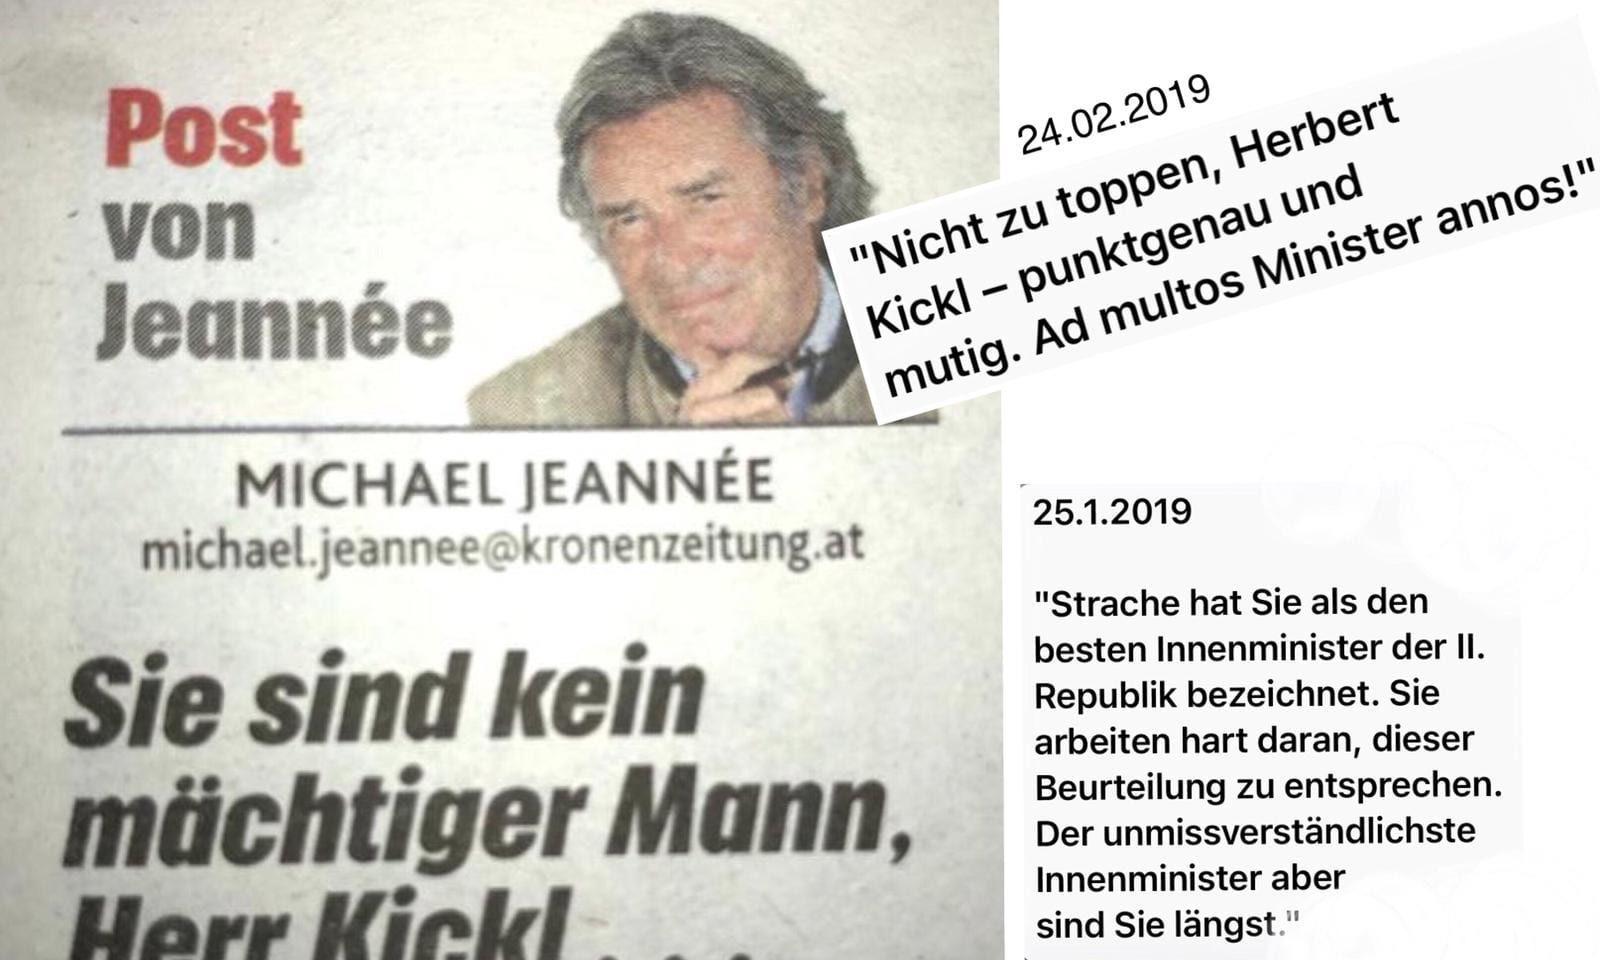 Kronen Zeitung / Michael Jeanneé